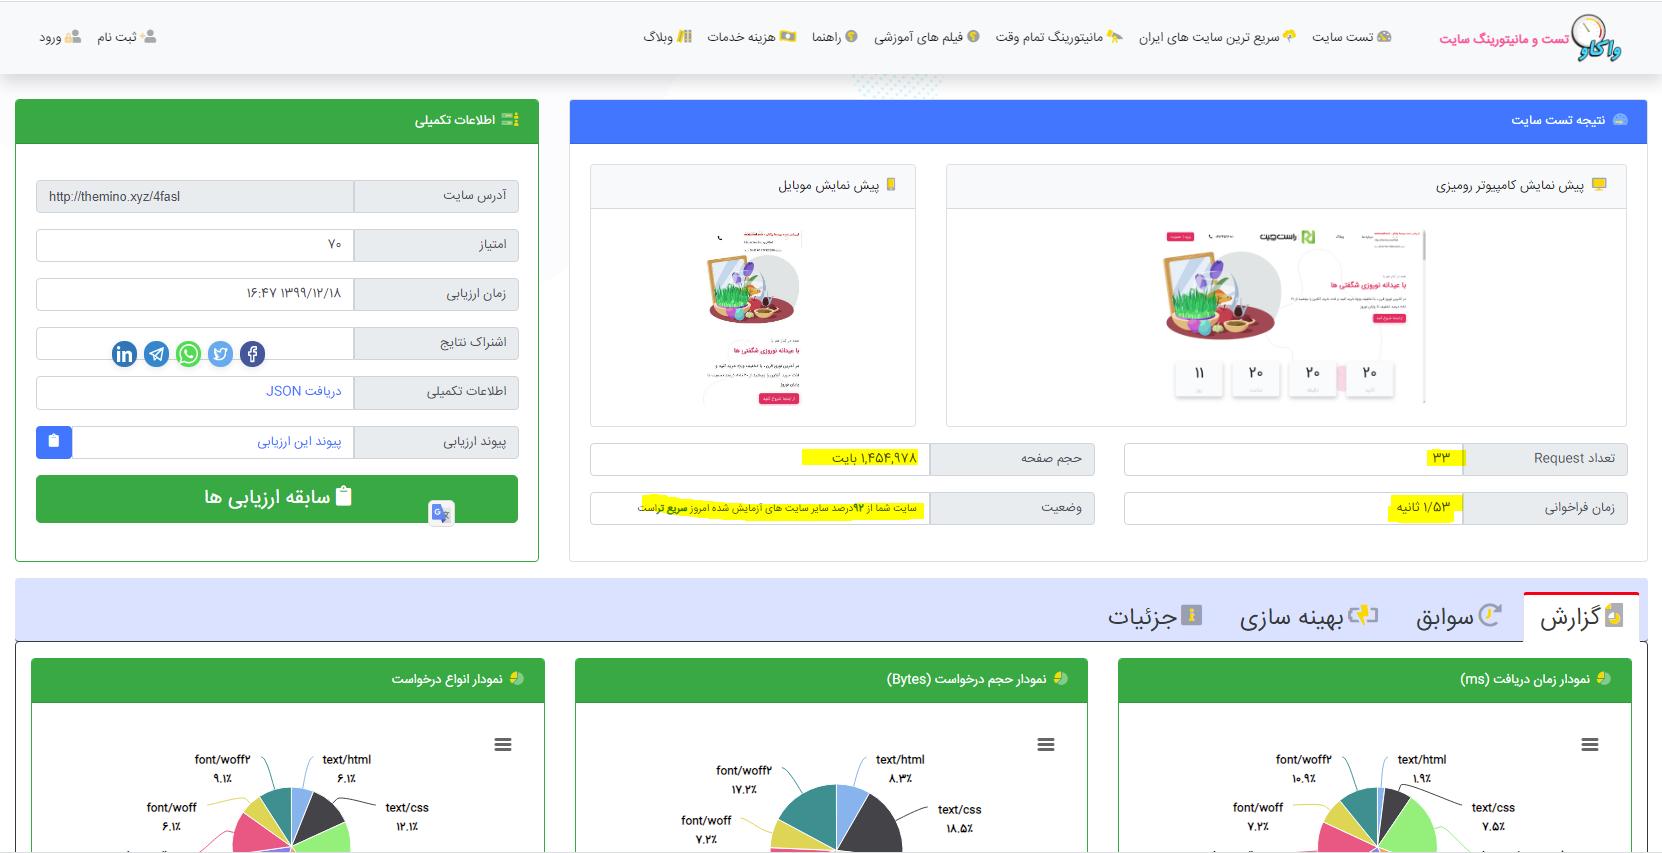 قالب HTML تک صفحه و لندینگ عید نوروز